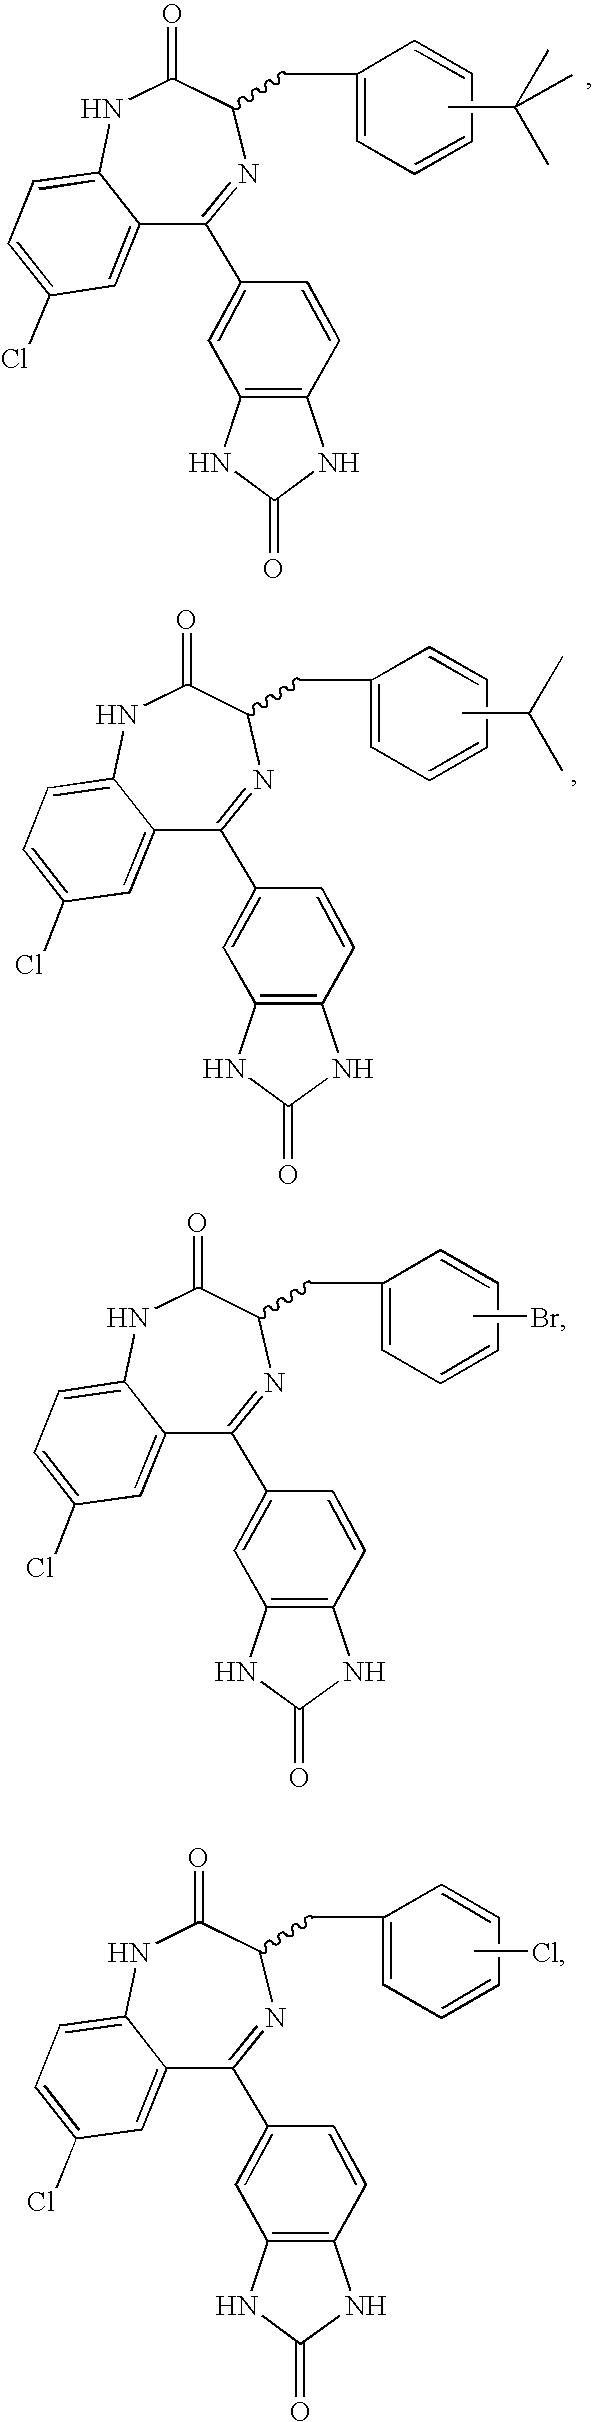 Figure US07851465-20101214-C00004